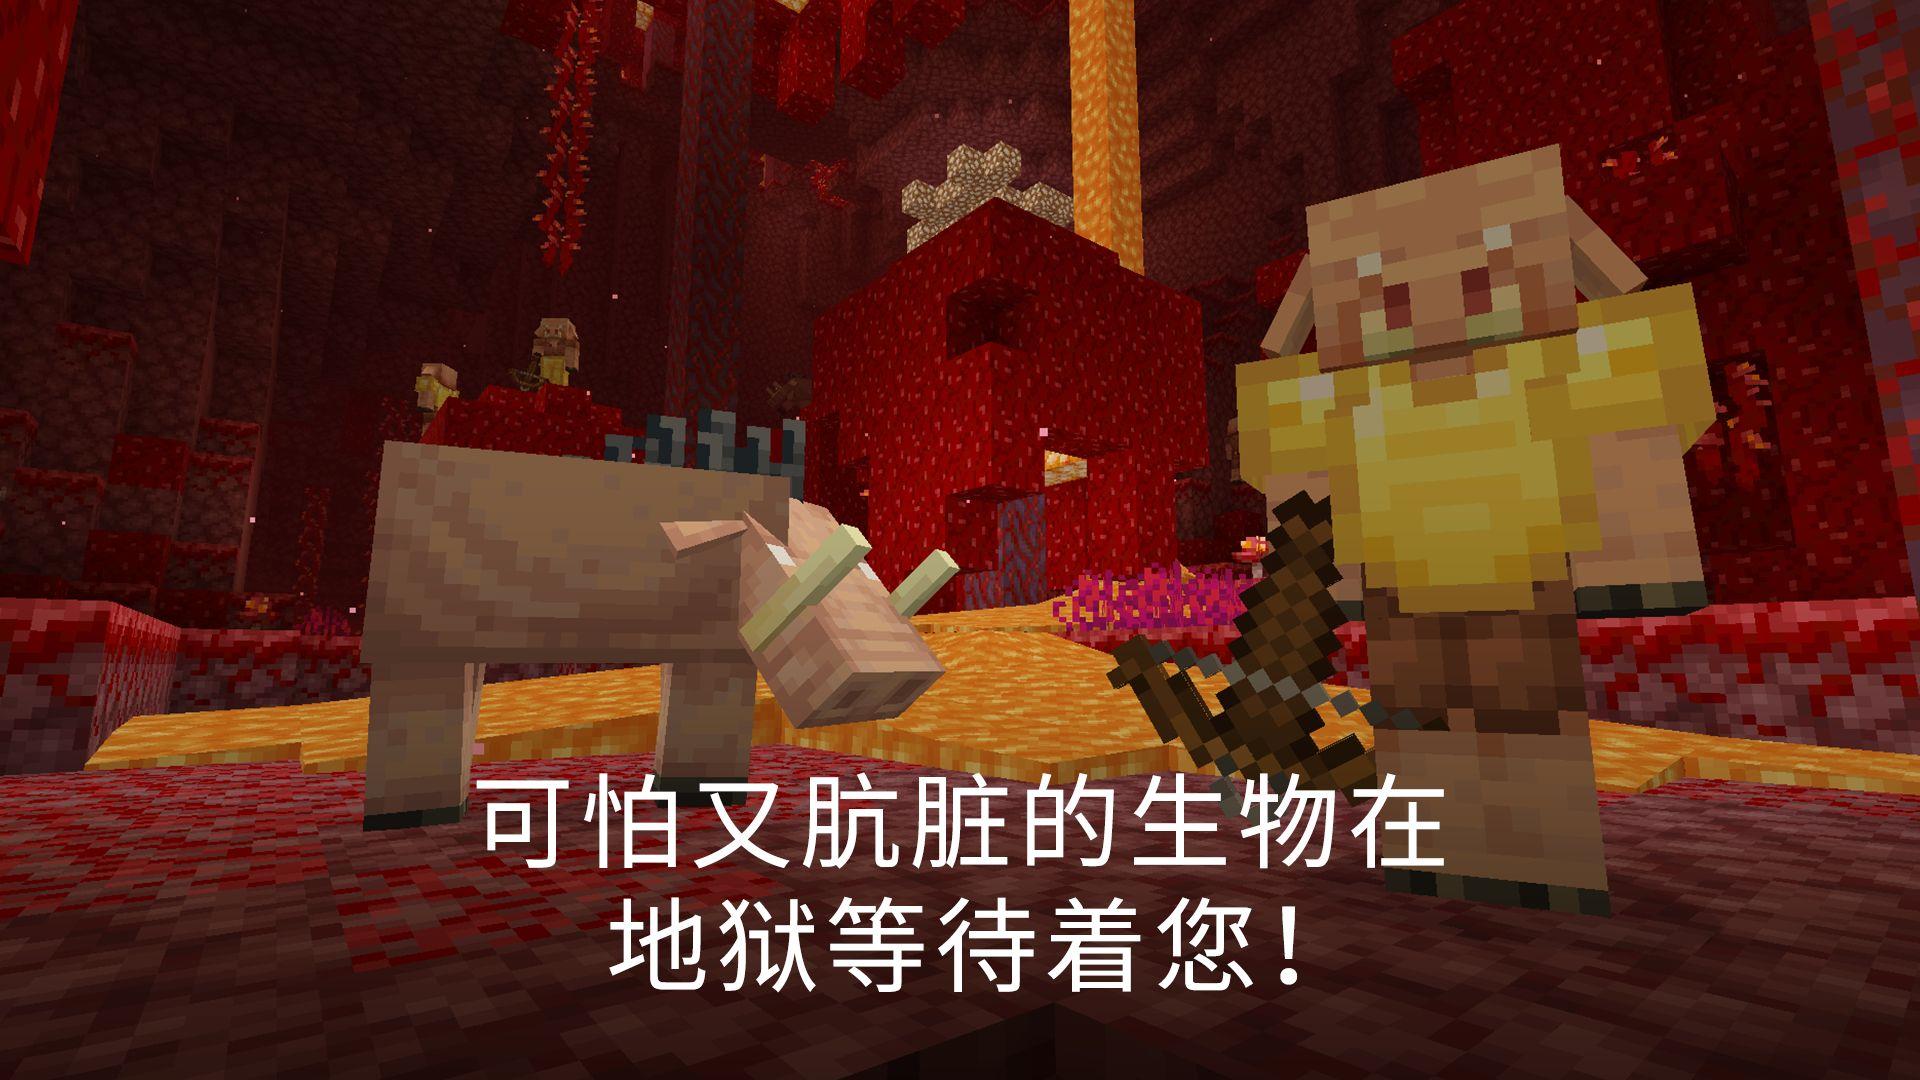 我的世界(Minecraft) 游戏截图5